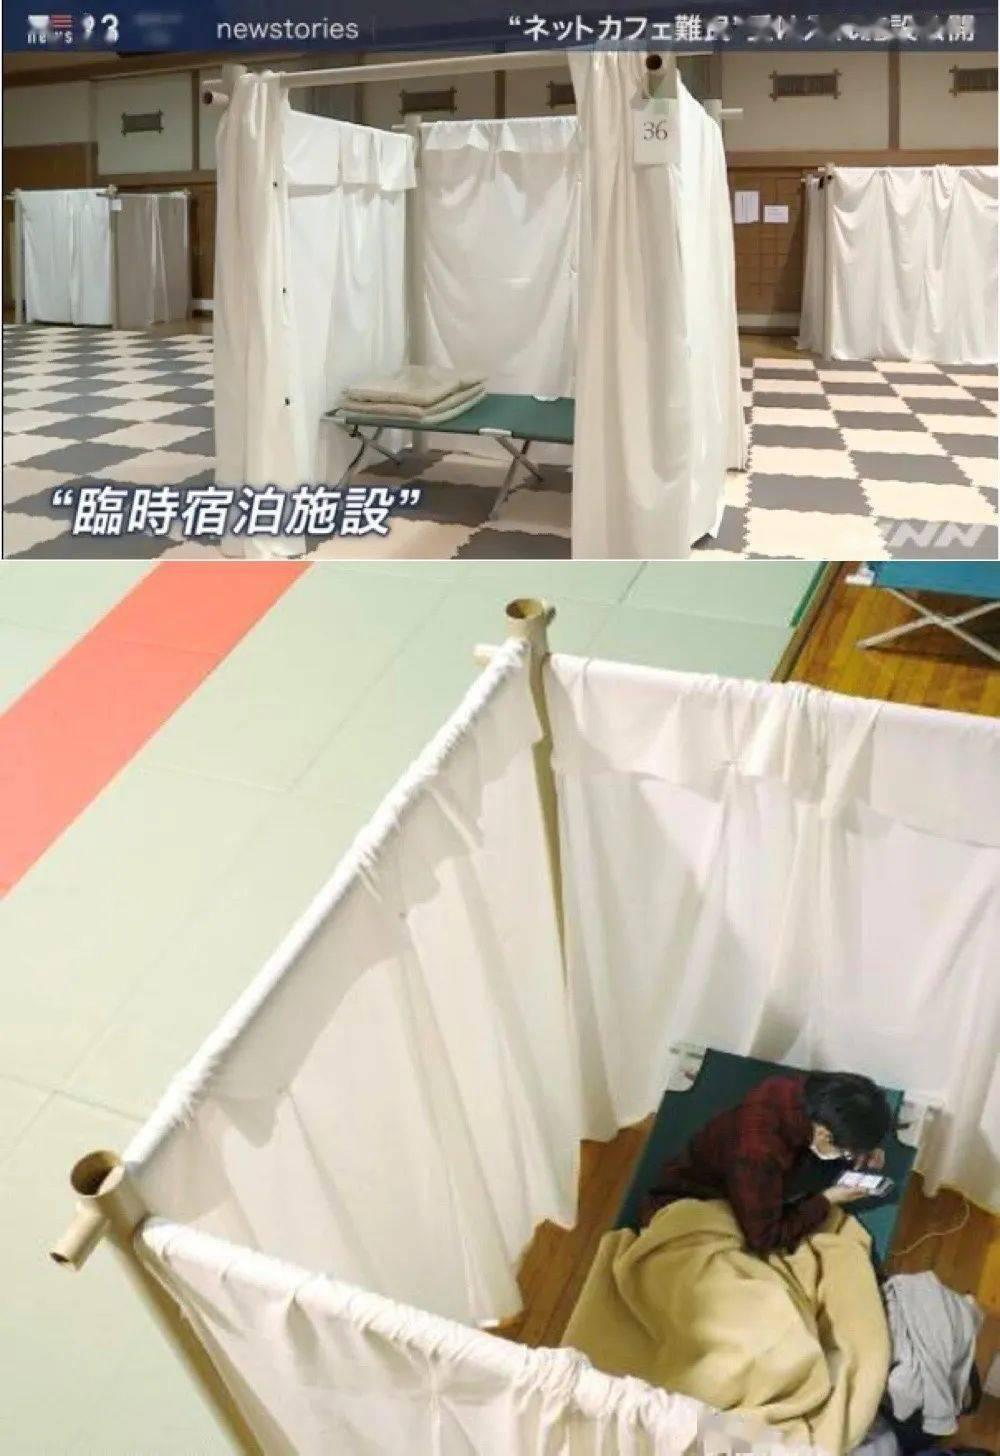 搭在开阔室内的临时住宿设施,包含饮食配送,日本政府还开放了部分酒店和公寓用以安置网吧难民